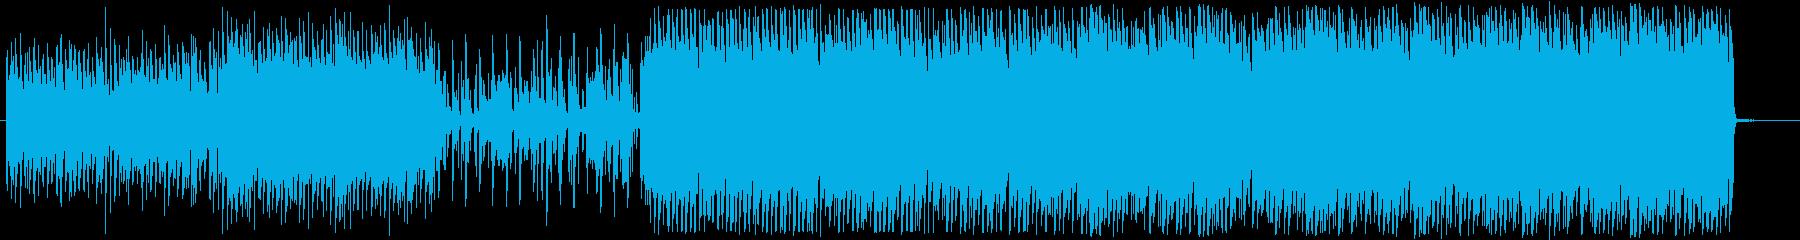 ピコピコ系のゲームの森の曲っぽいの再生済みの波形